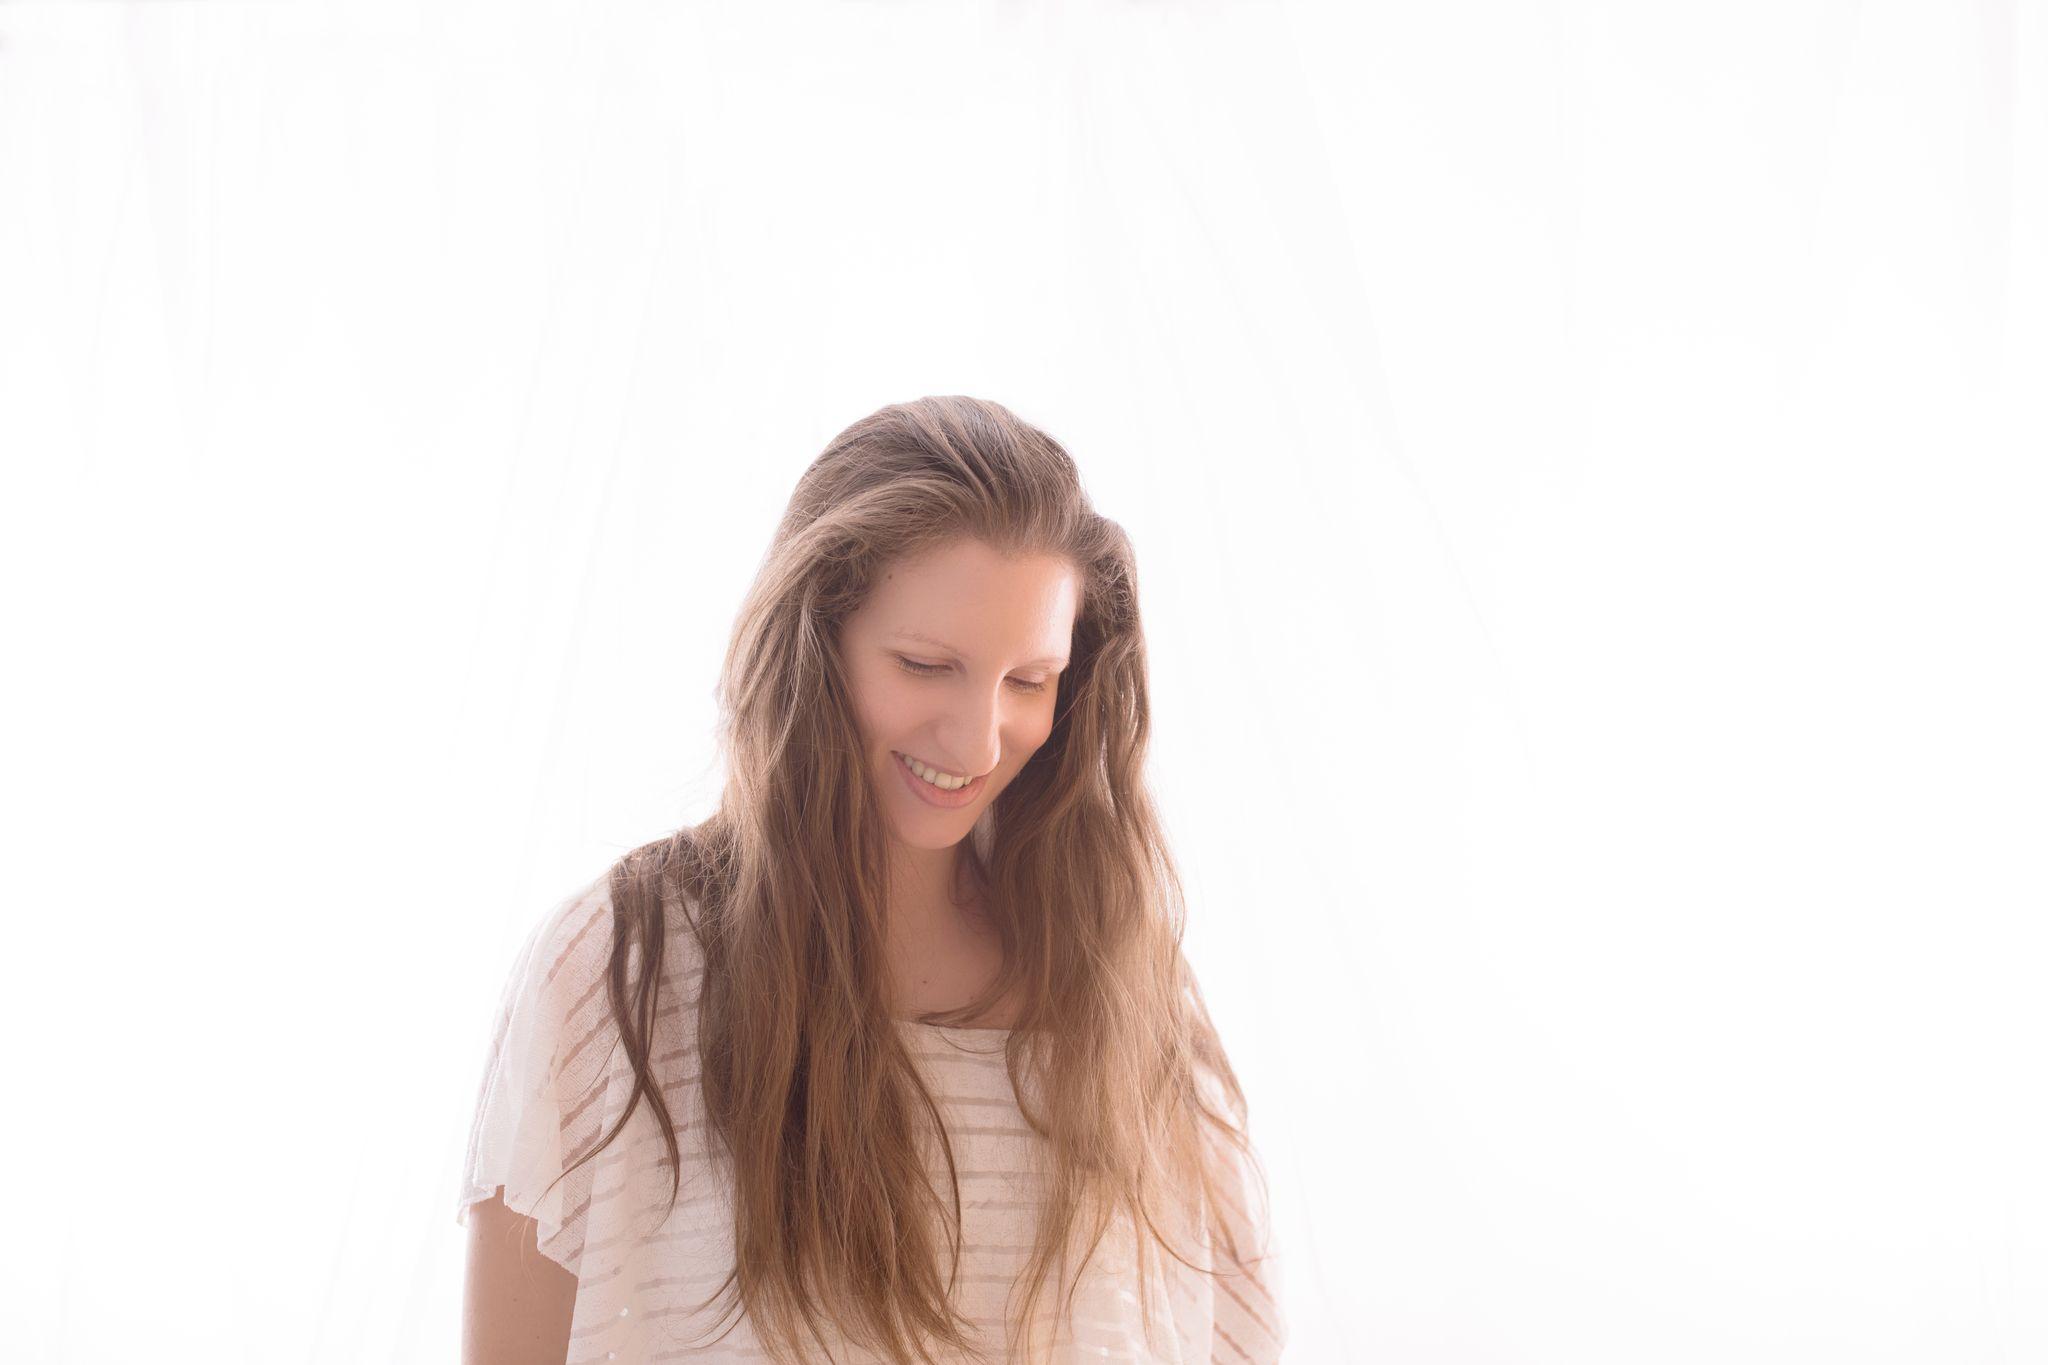 deine Wiener Fotografin Sabrina Zisch-Ortner asu 1220 Wien für Babybauch Neugeborene Baby Familie